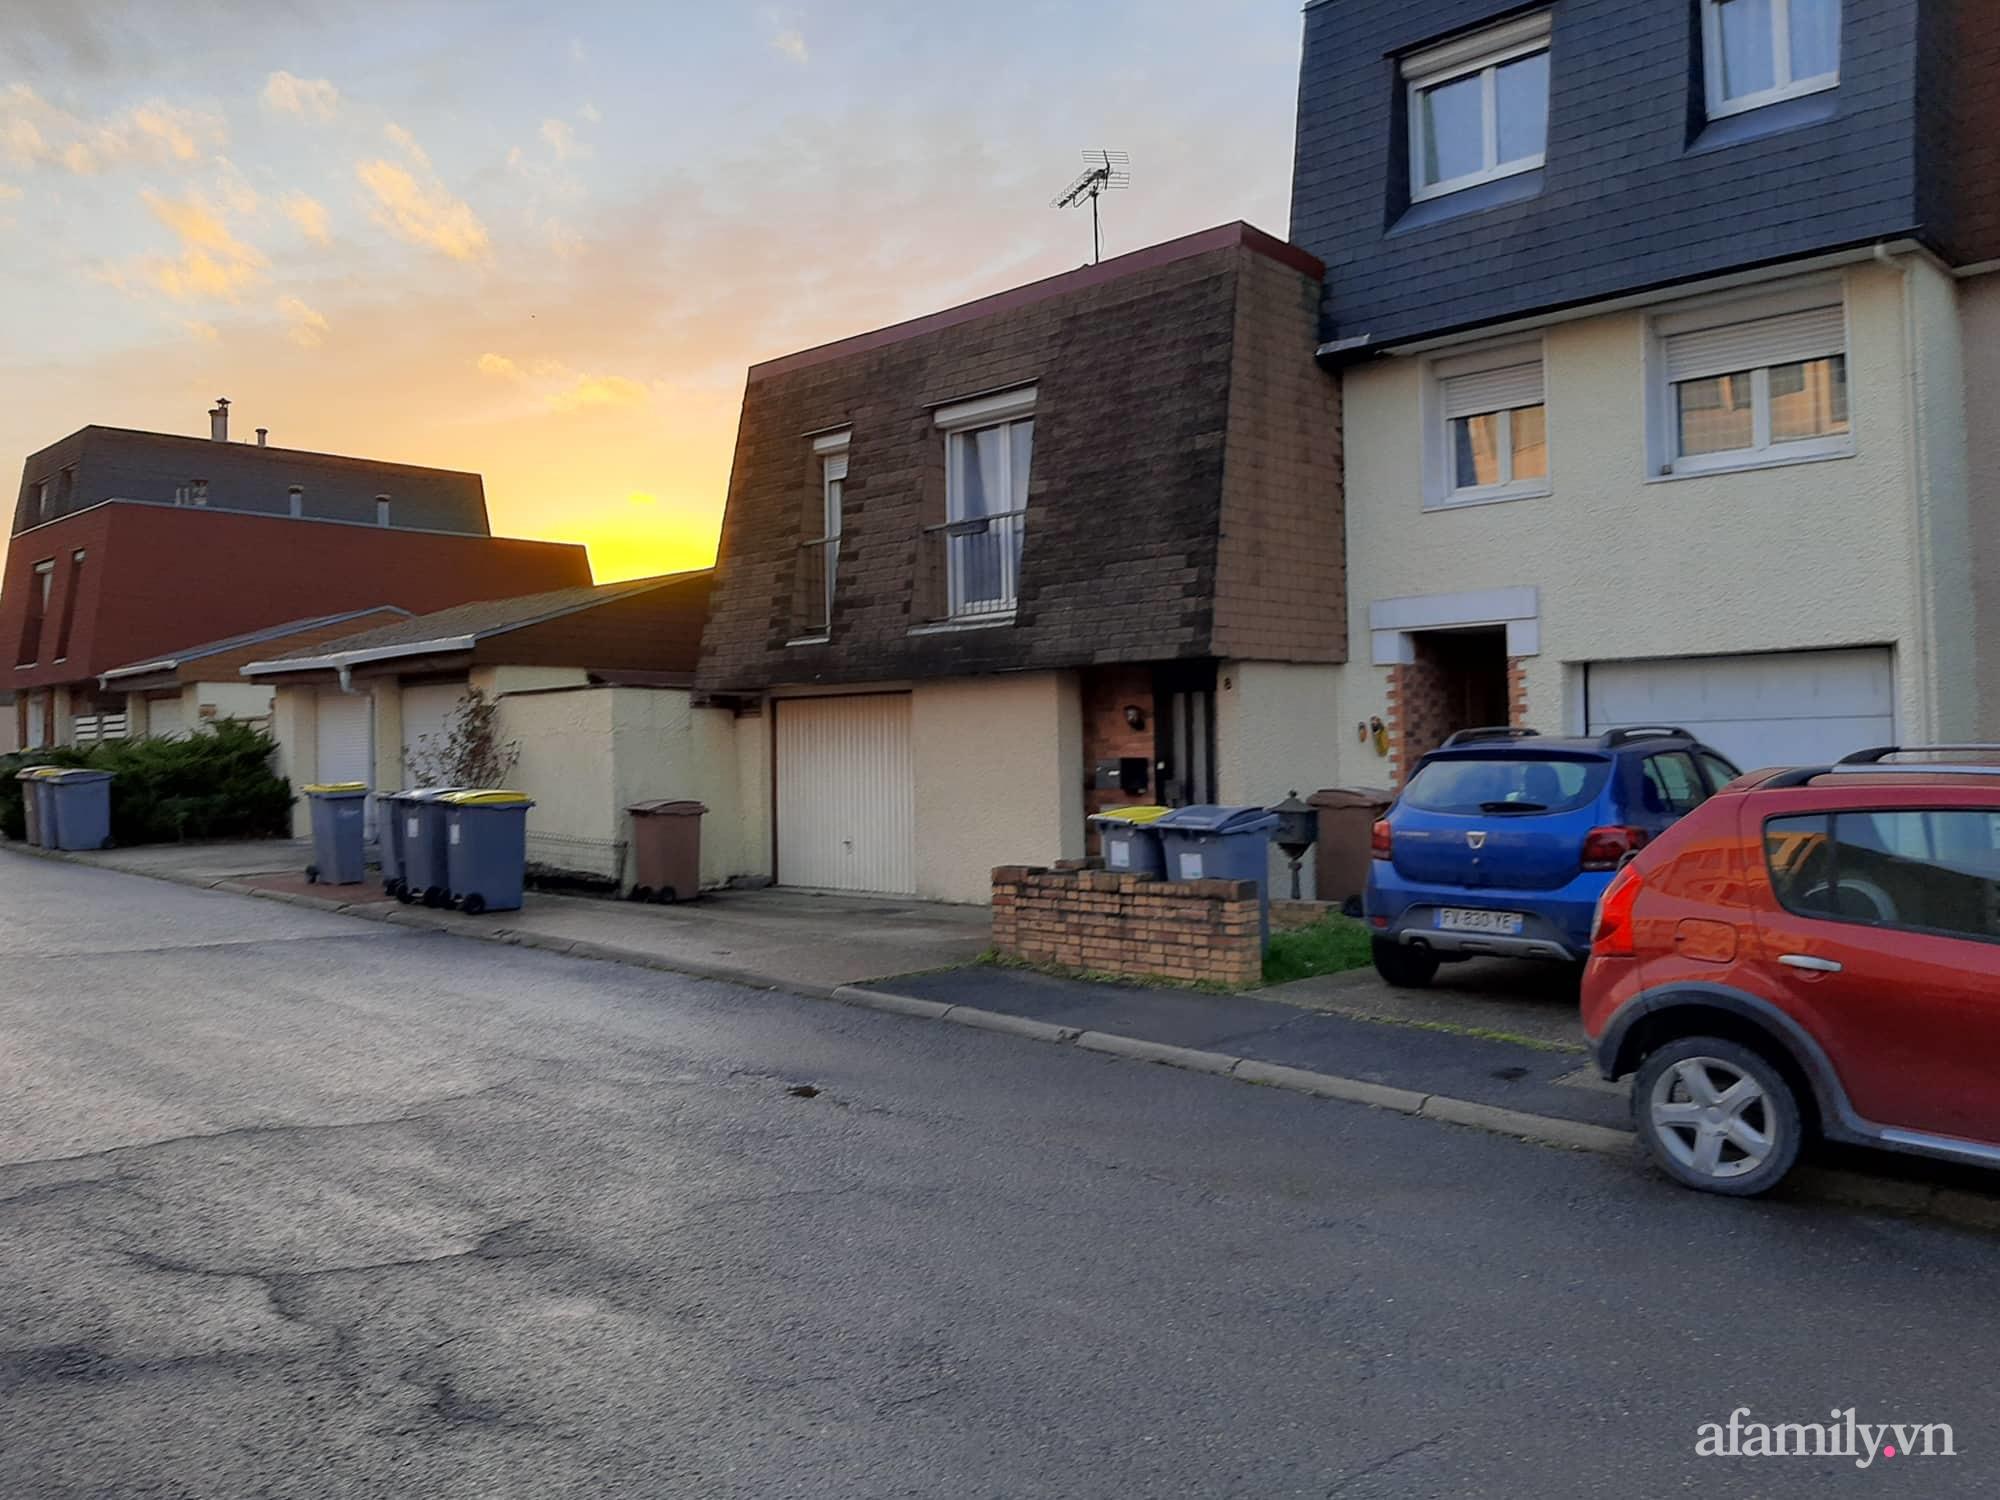 """Nghe dâu Việt ở Pháp mua thành công nhà đất và 2 căn hộ kể chuyện mua nhà ở đất nước có giá bất động sản thuộc hàng """"đắt đỏ nhất hành tinh"""" - Ảnh 5."""